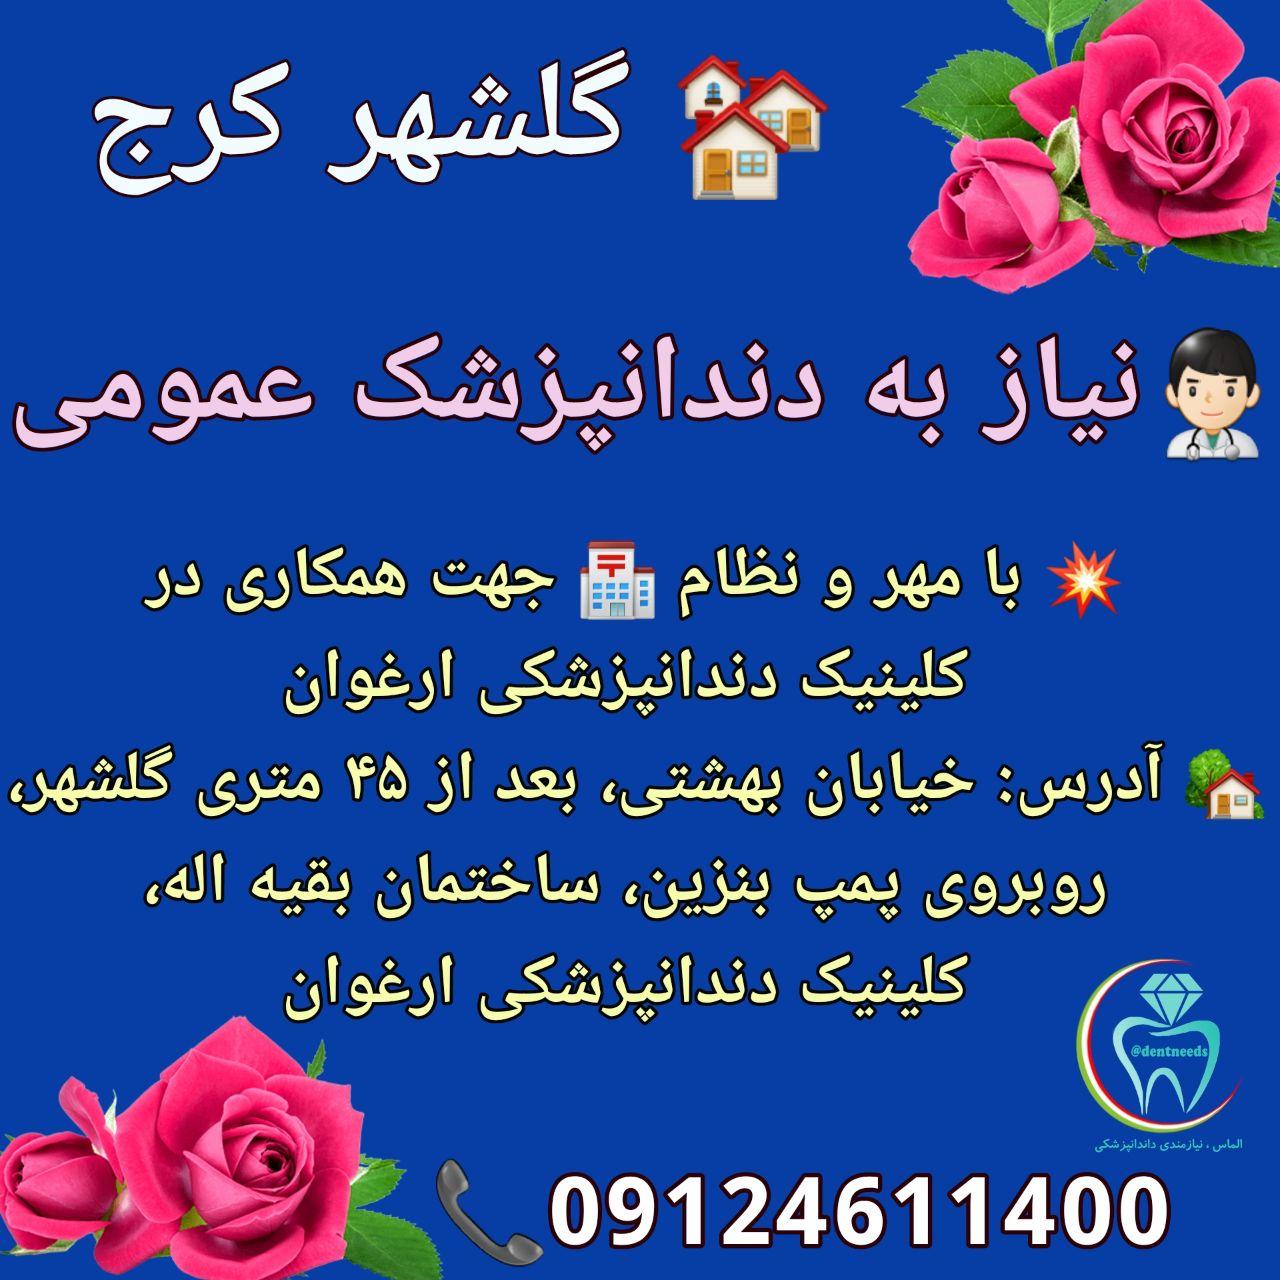 گلشهر: کرج، نیاز به دندانپزشک عمومی